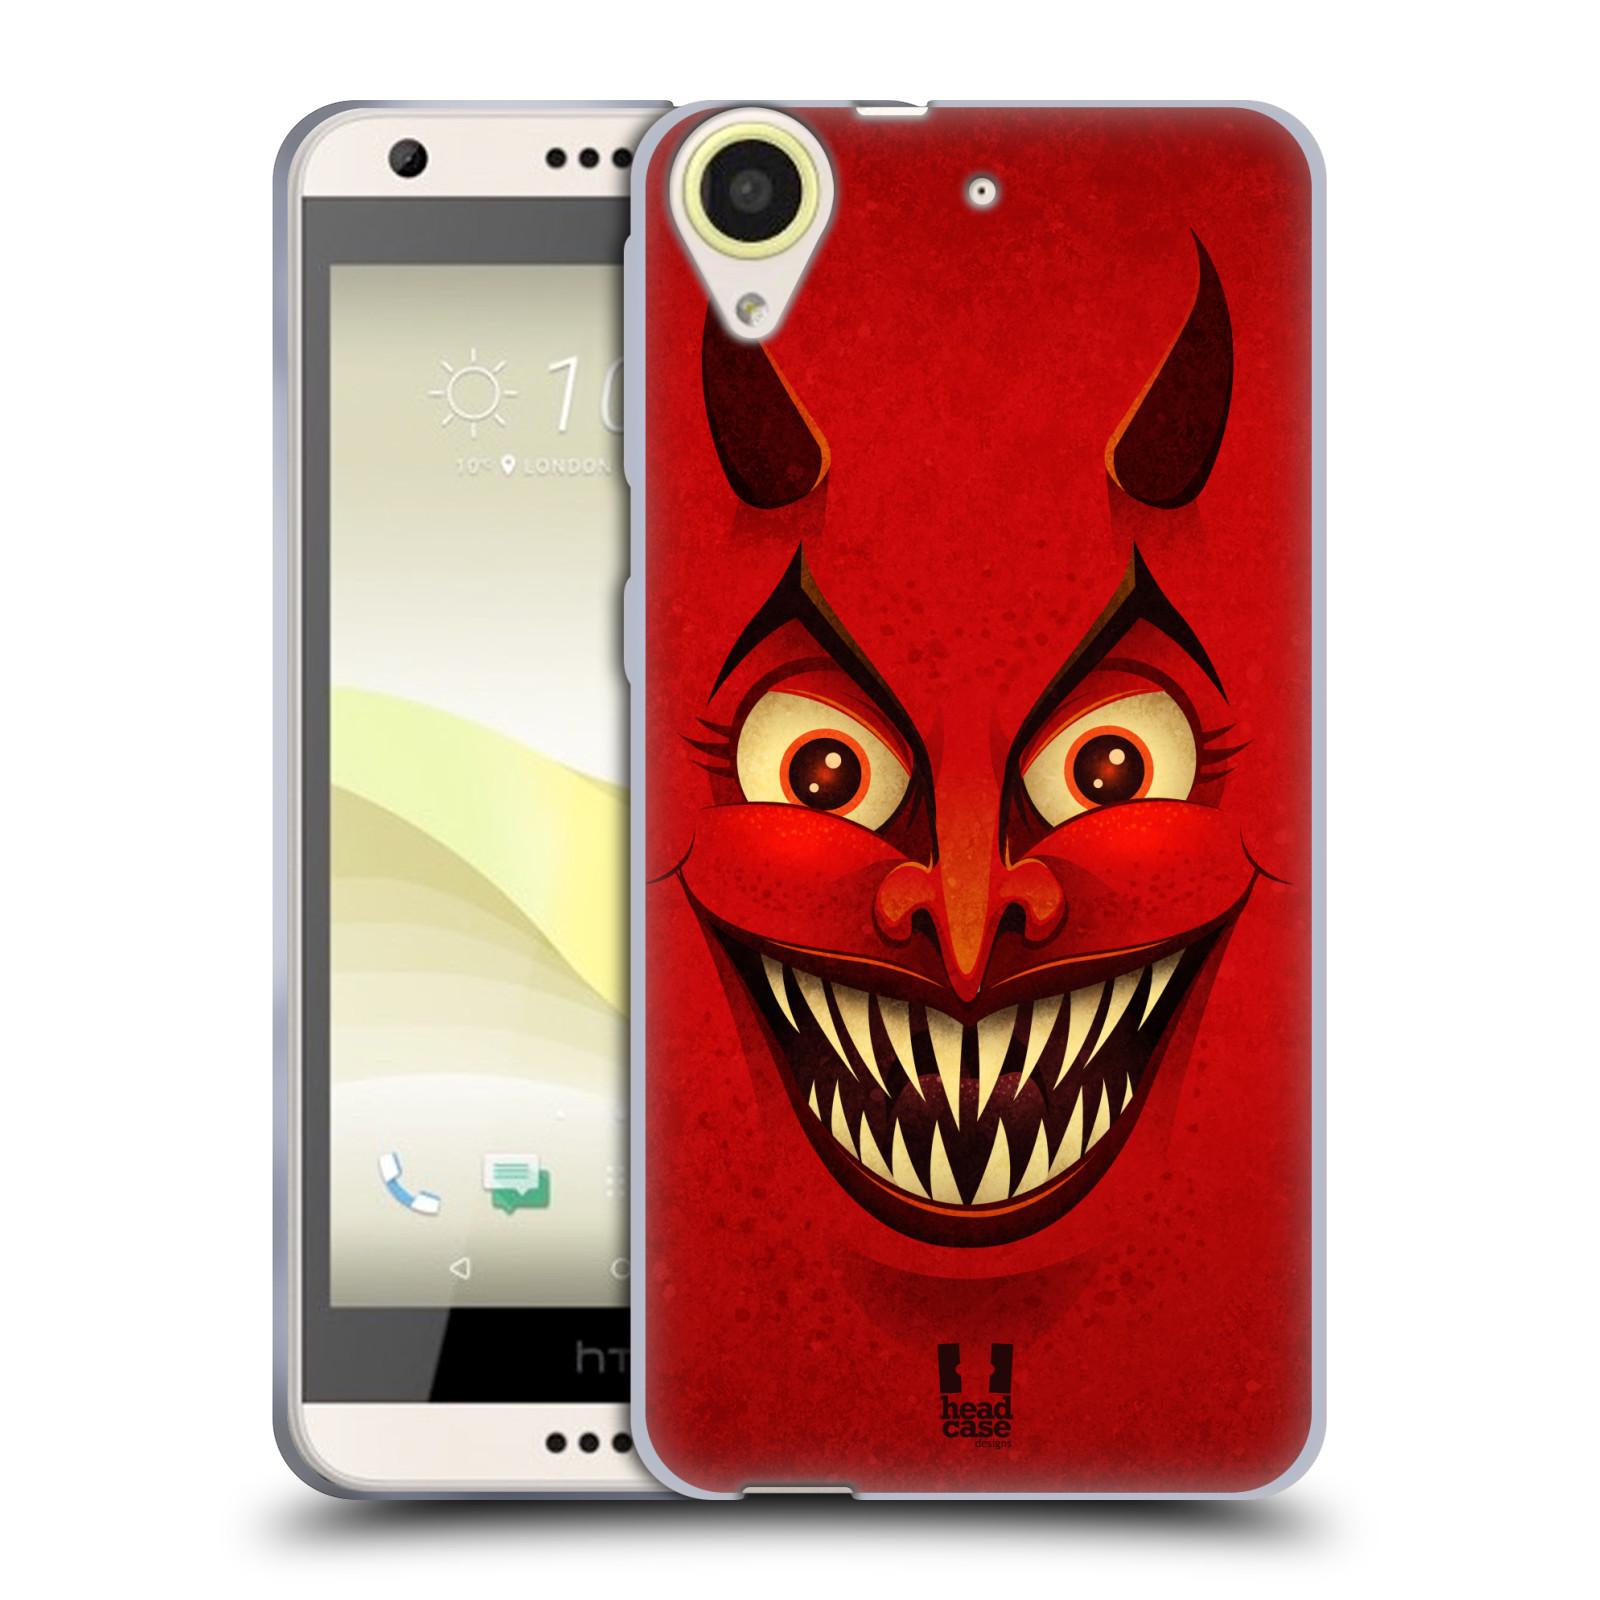 Silikonové pouzdro na mobil HTC Desire 650 HEAD CASE ČERT (Silikonový kryt či obal na mobilní telefon HTC Desire 650)